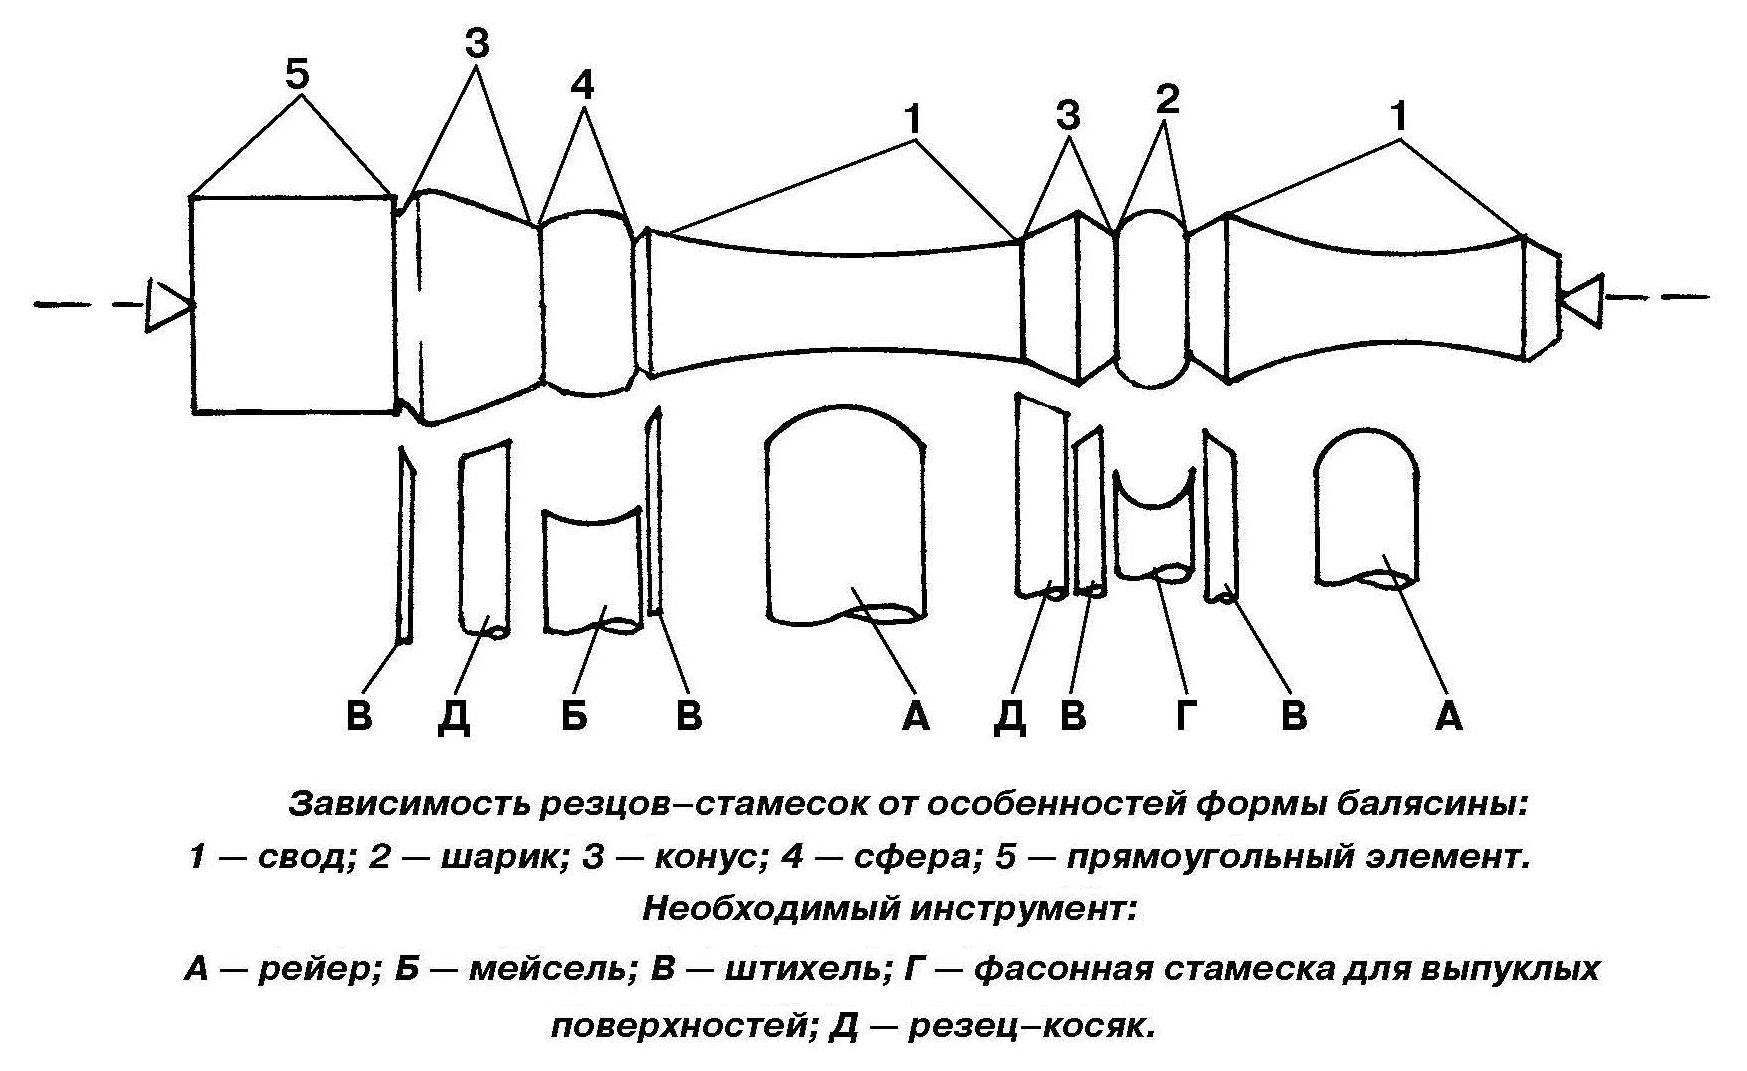 Зависимость резцов-стамесок от особенностей формы балясины